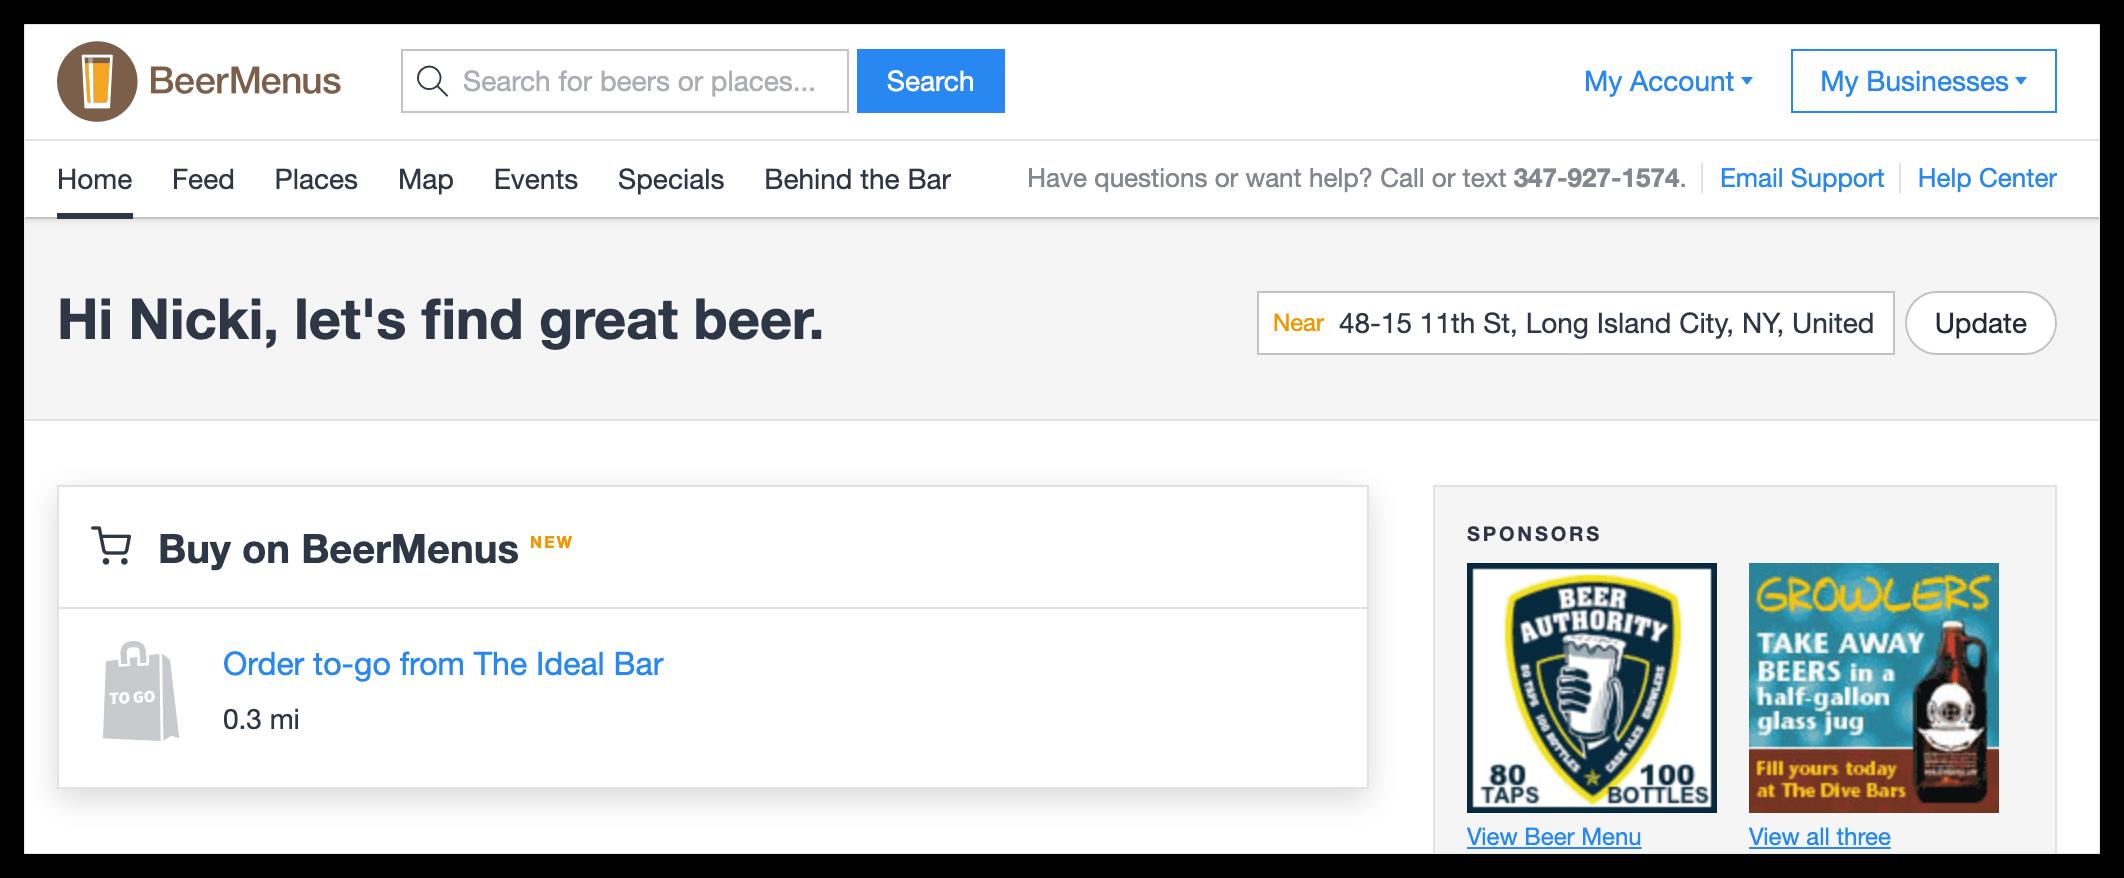 Sell beer to-go on BeerMenus